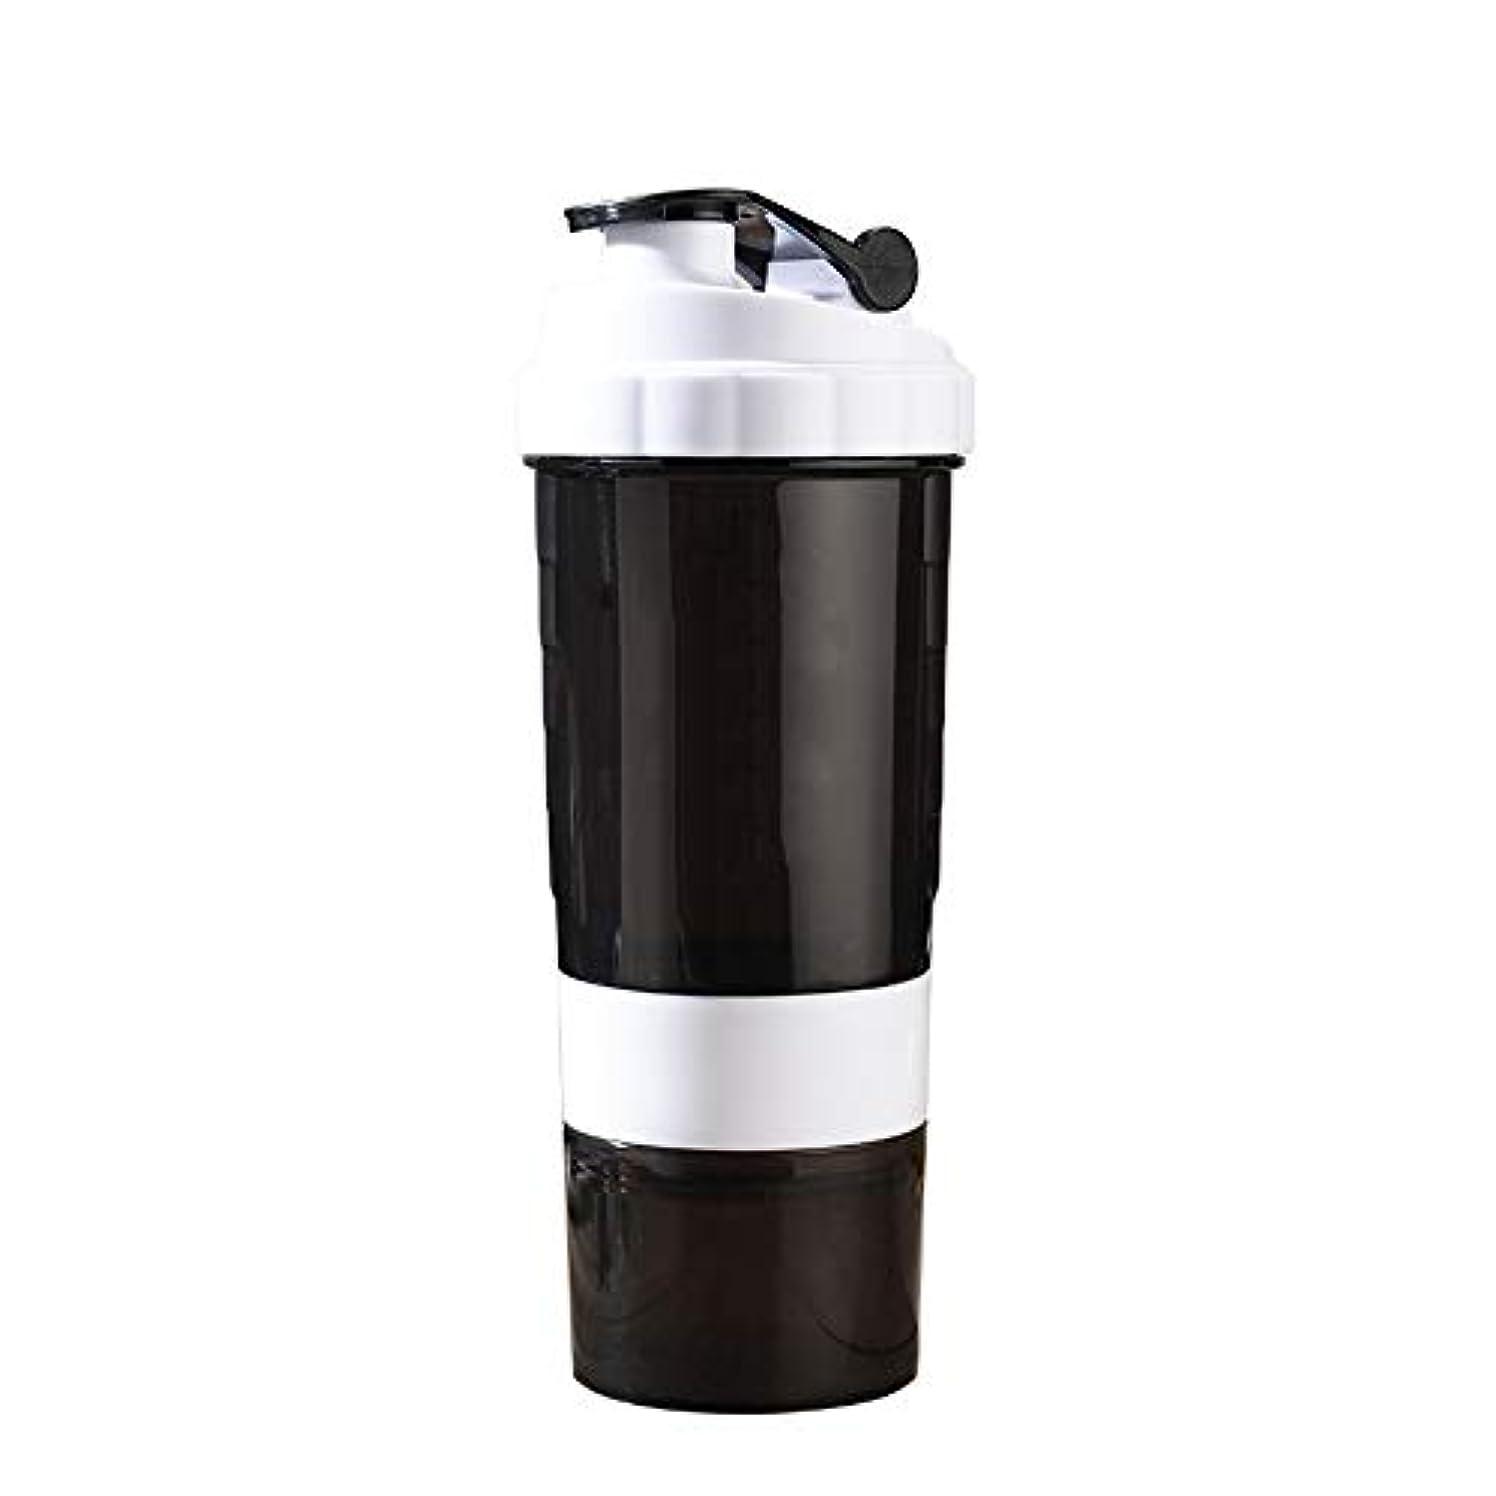 ガイド小道具ローマ人ミルクセーキ シェイクカップフ[ 最新デザイン ] 多層タンパク質粉末 シェイクカップフ ィット ネススポ ーツウォーターボトル 旋風やかんミルク スケールティーカップ